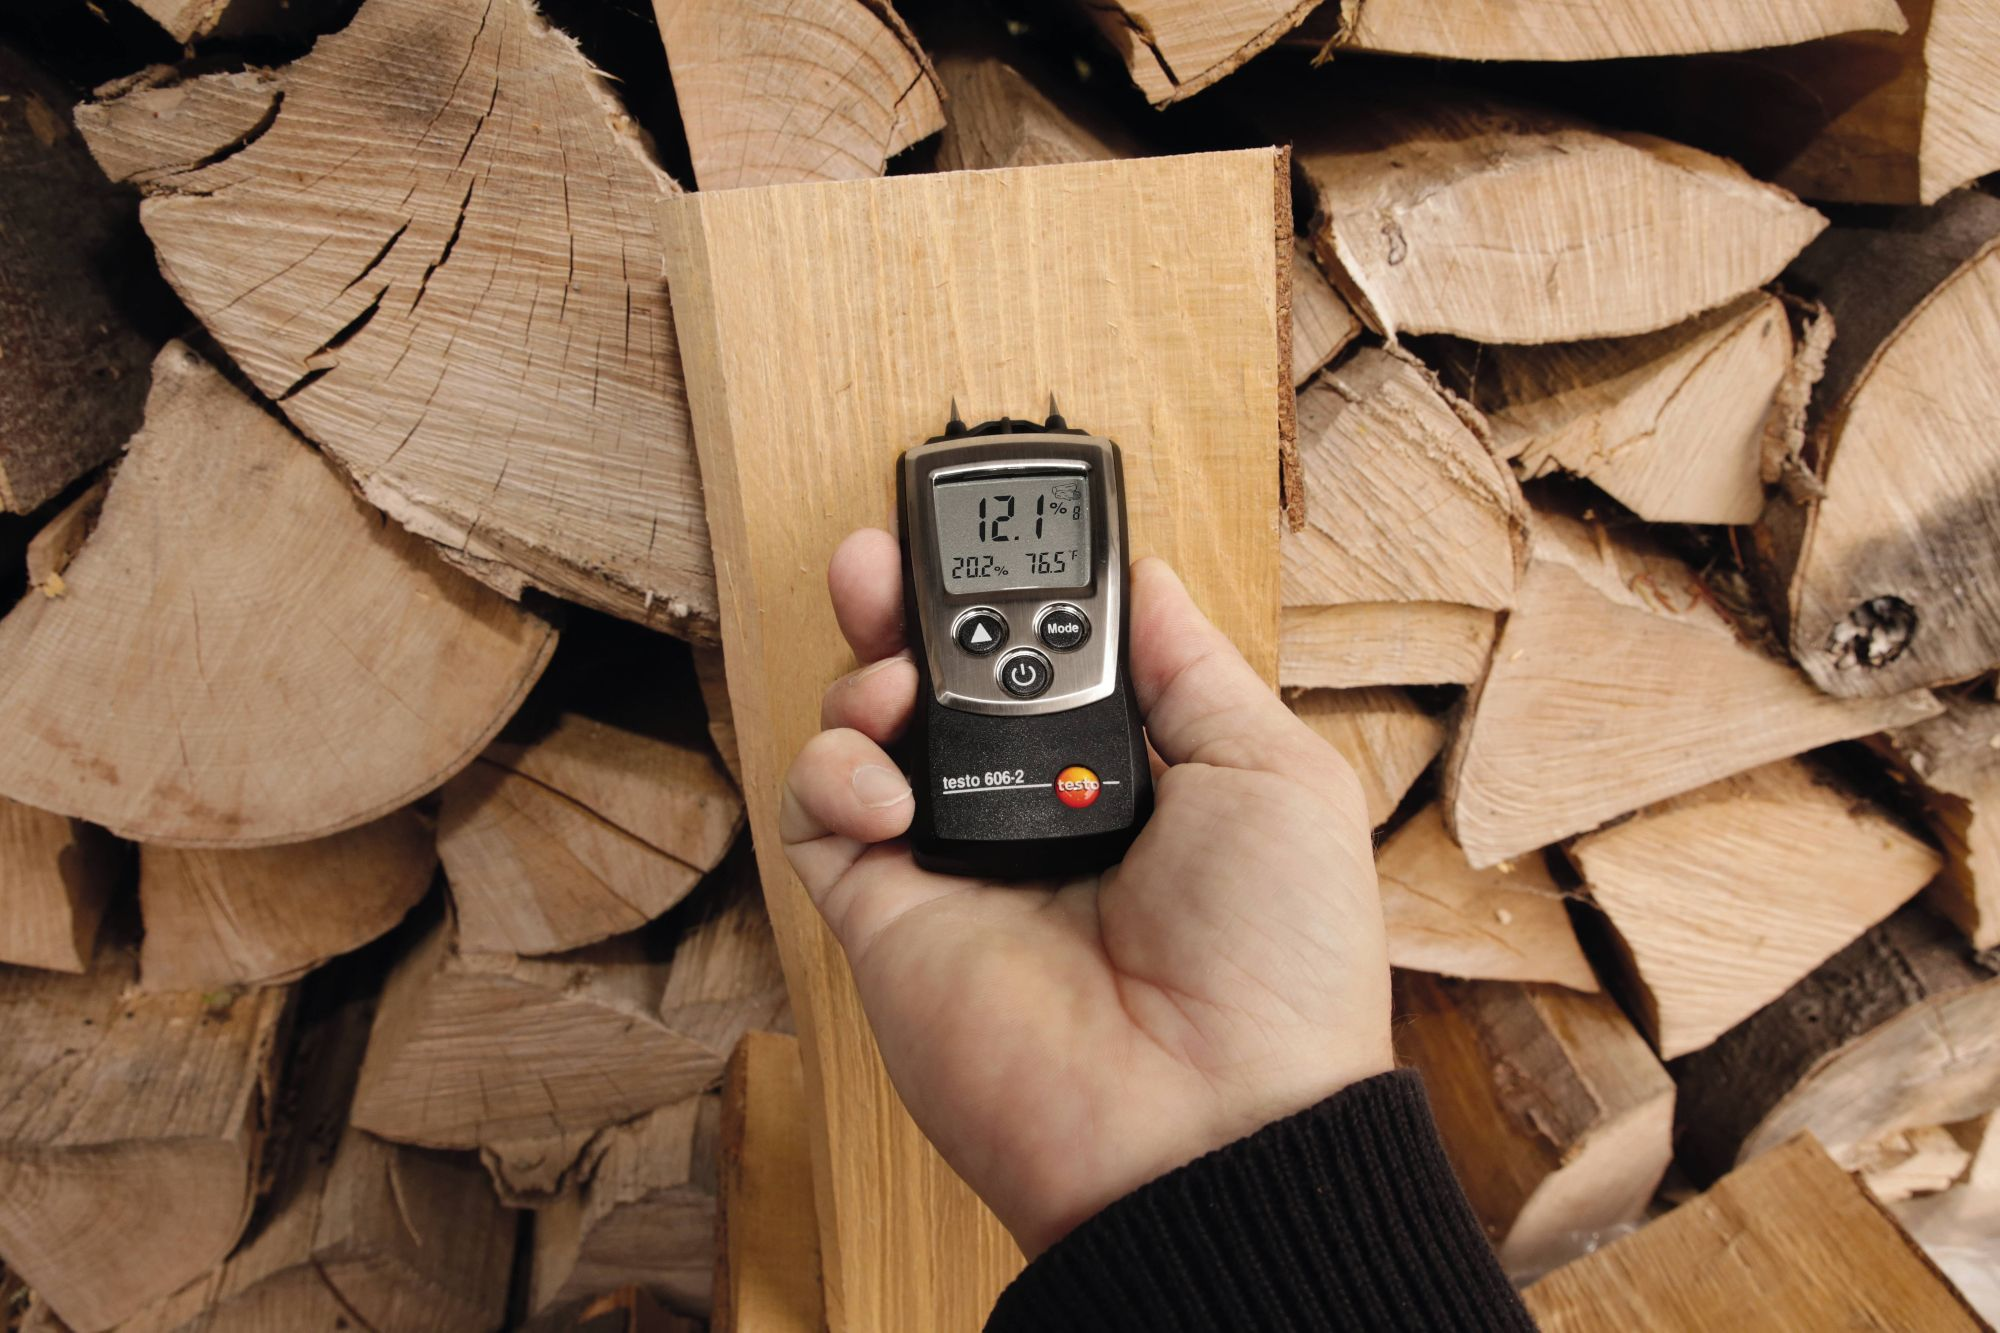 Moisture meter testo 606-2